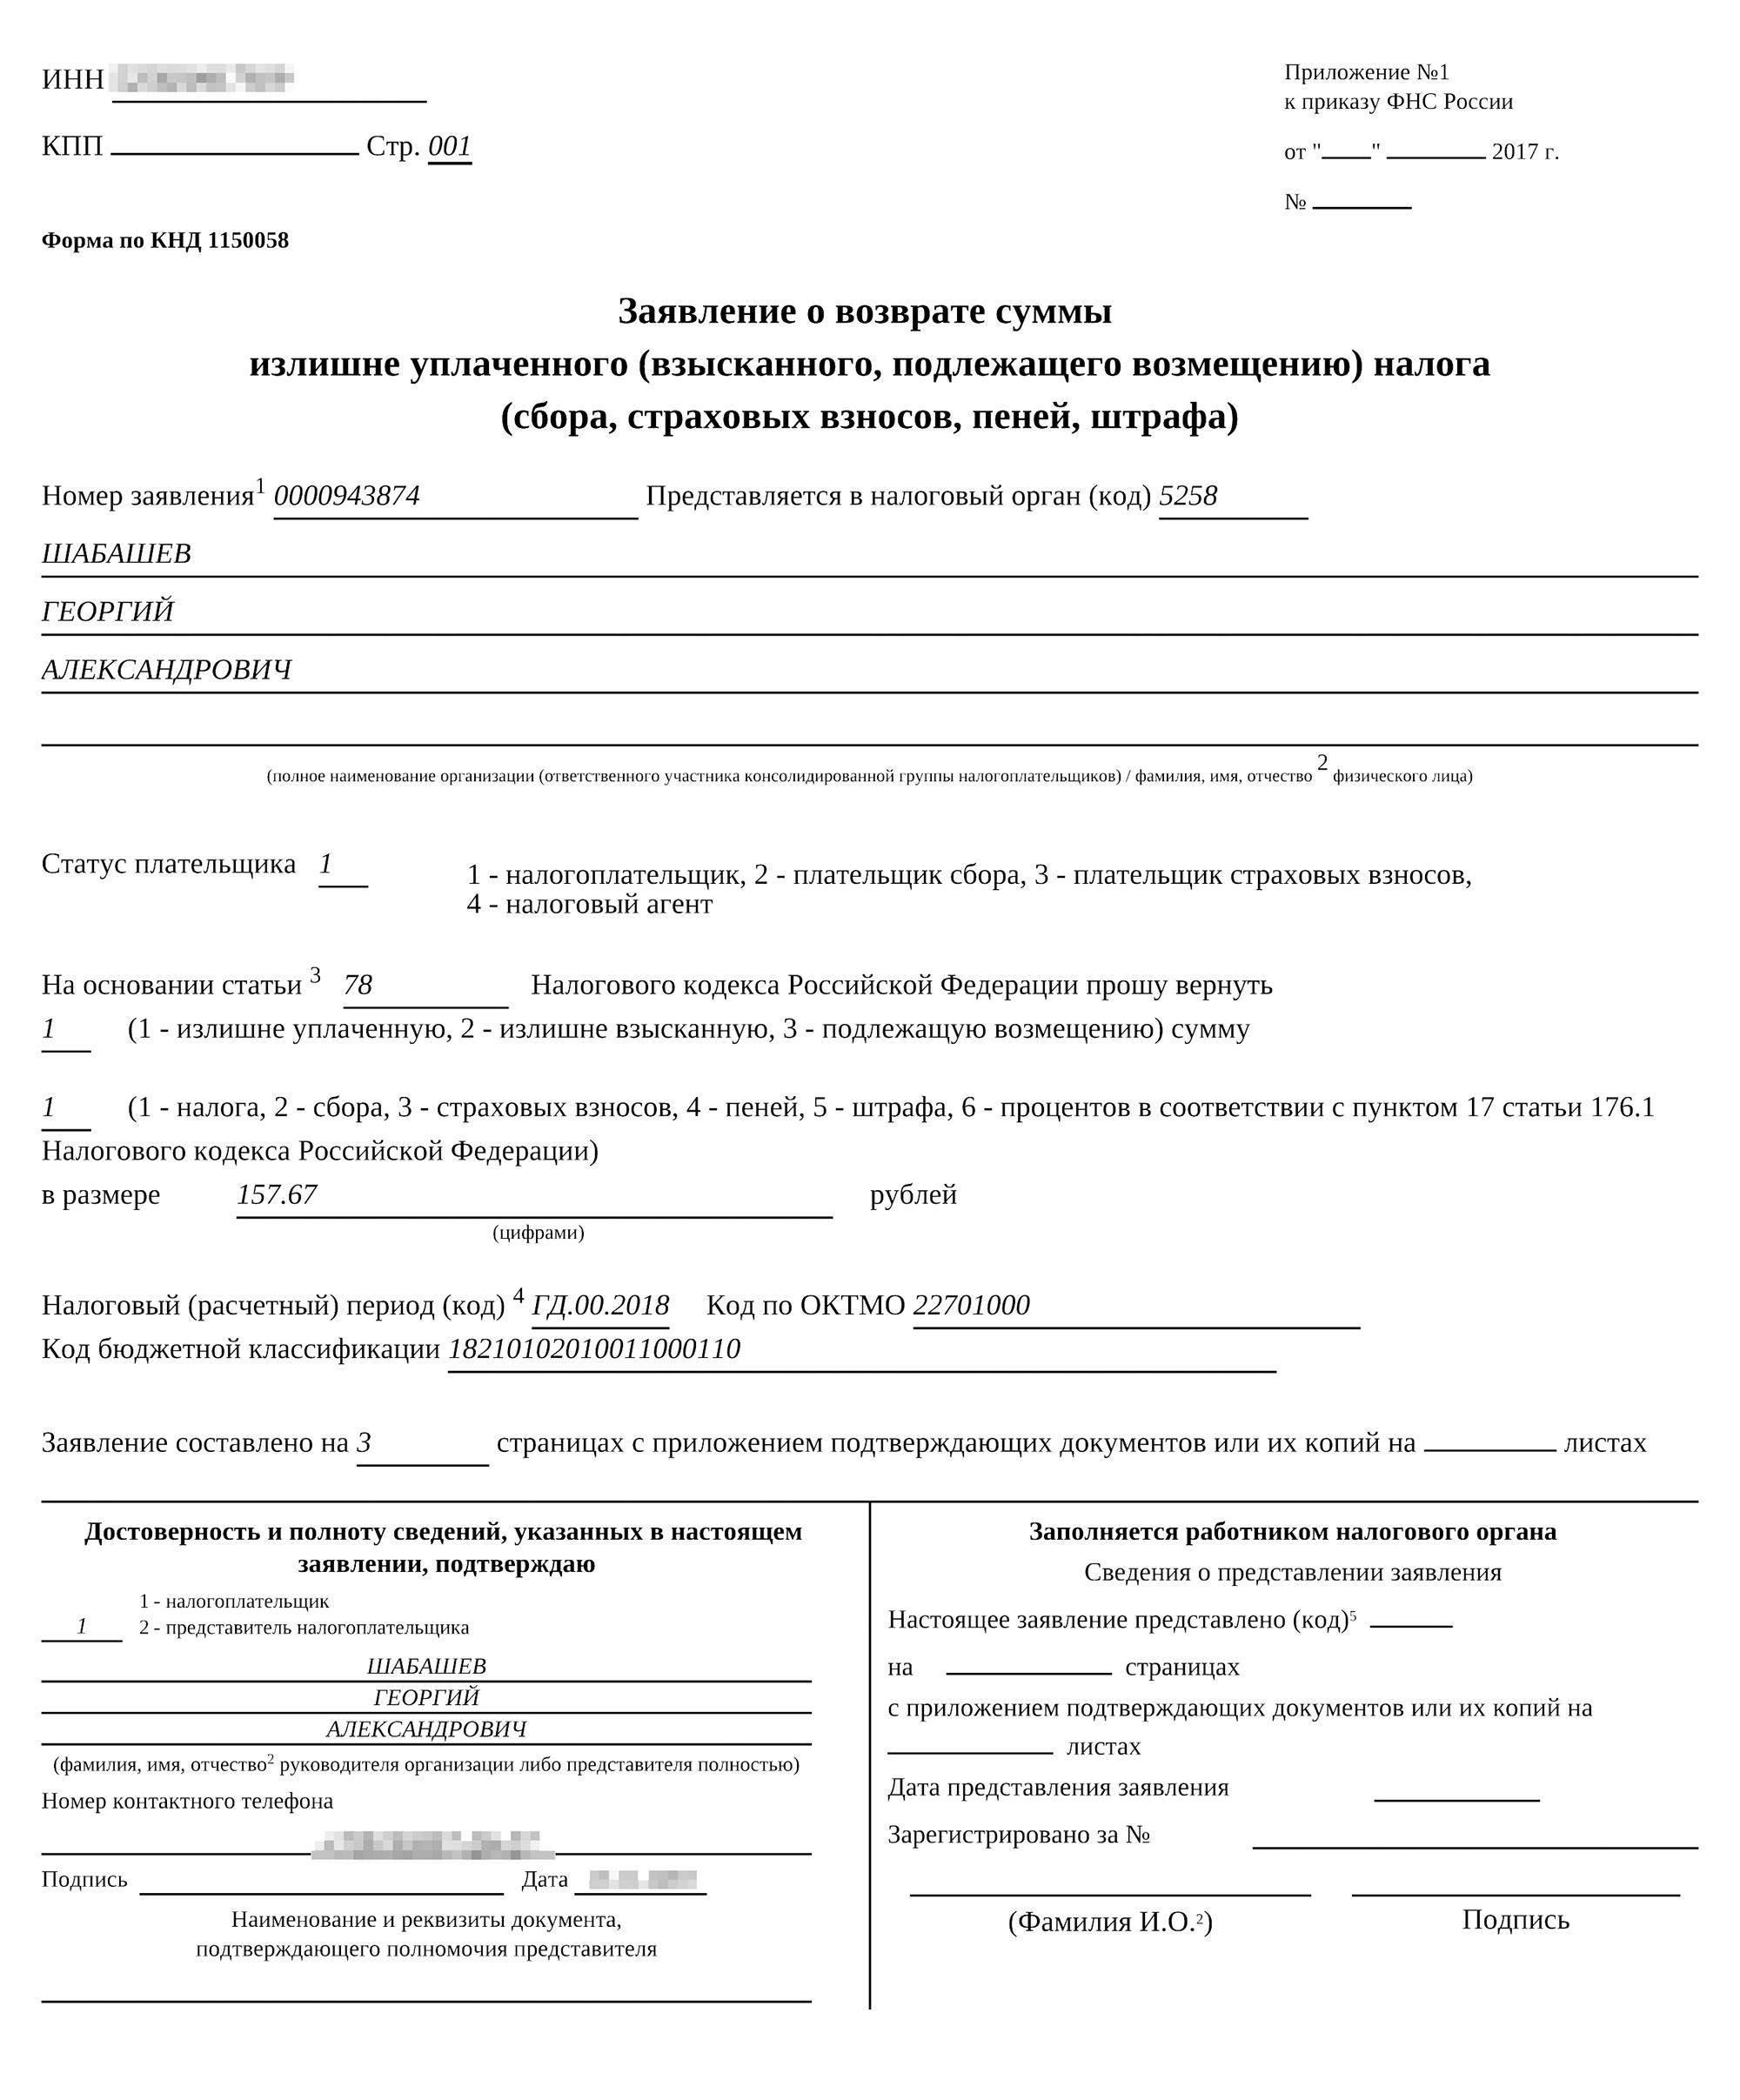 Образец заявления на возврат переплаченного налога 1